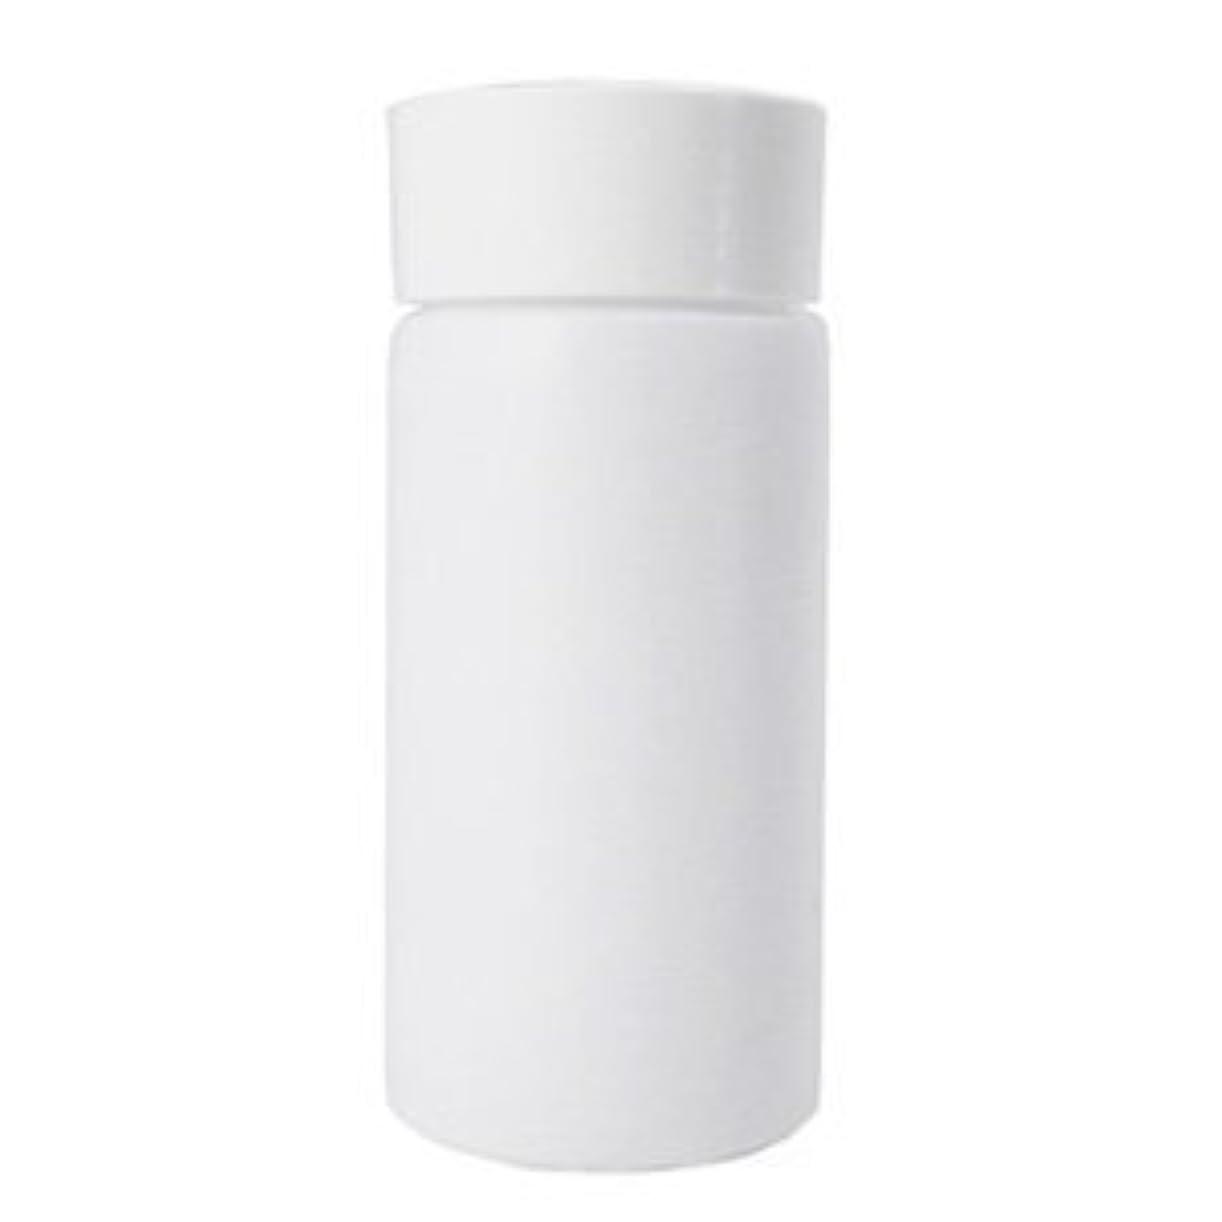 減らす分析する誰がパウダー用ボトル容器 154ml 材質 HDPE EVOH